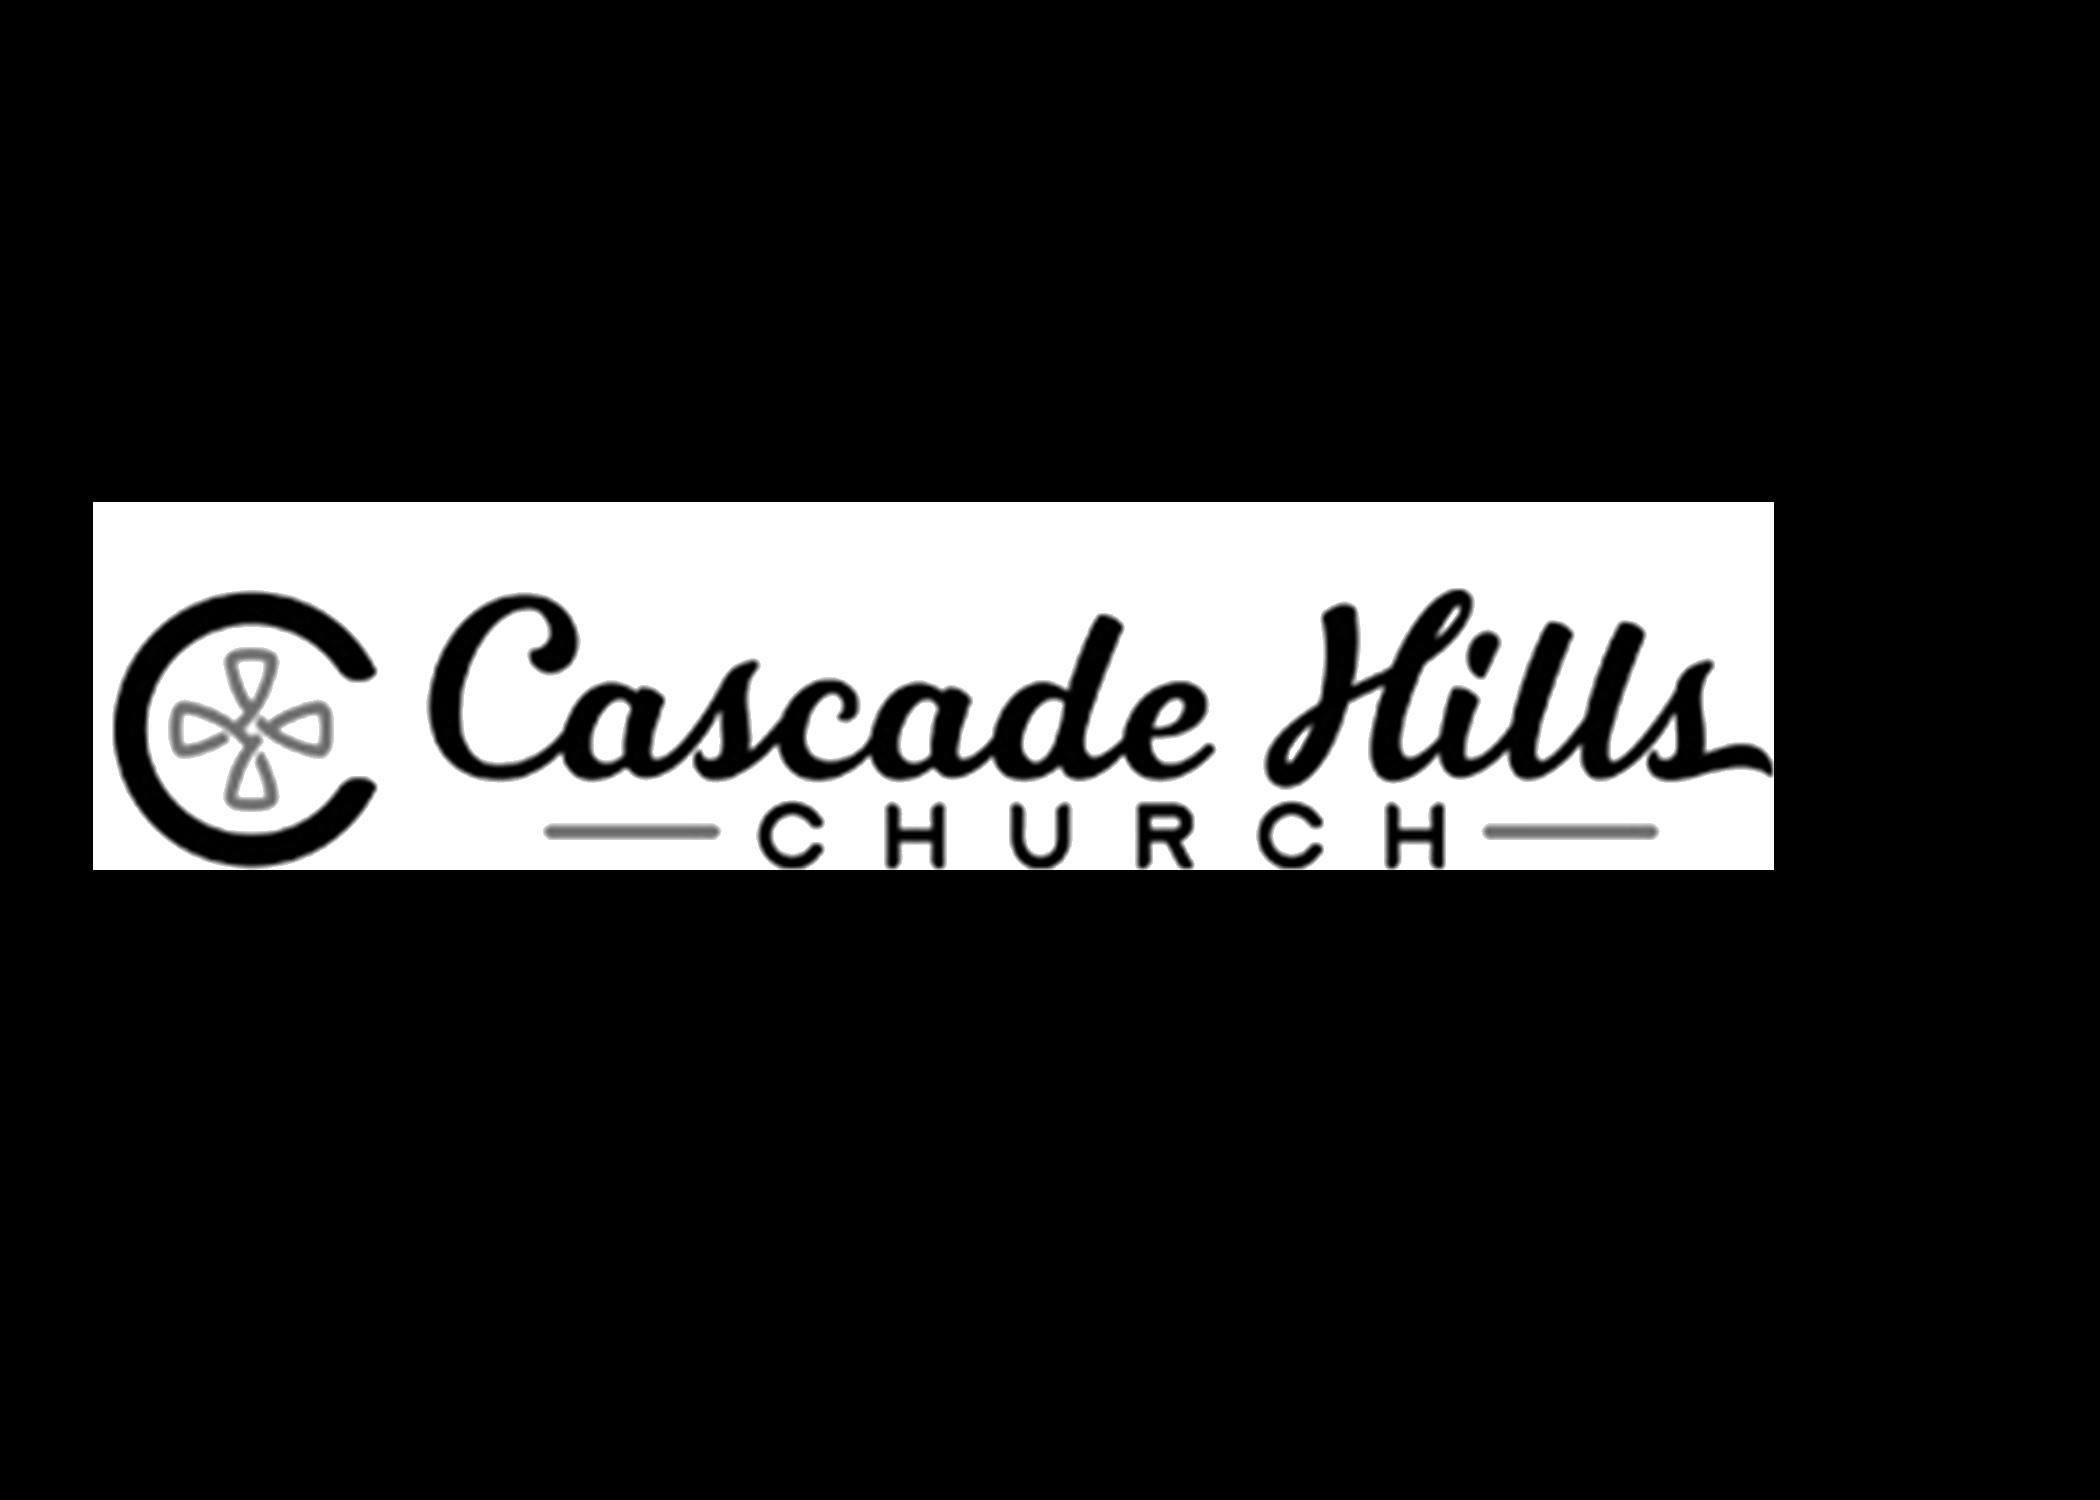 Cascade Hills BW.png